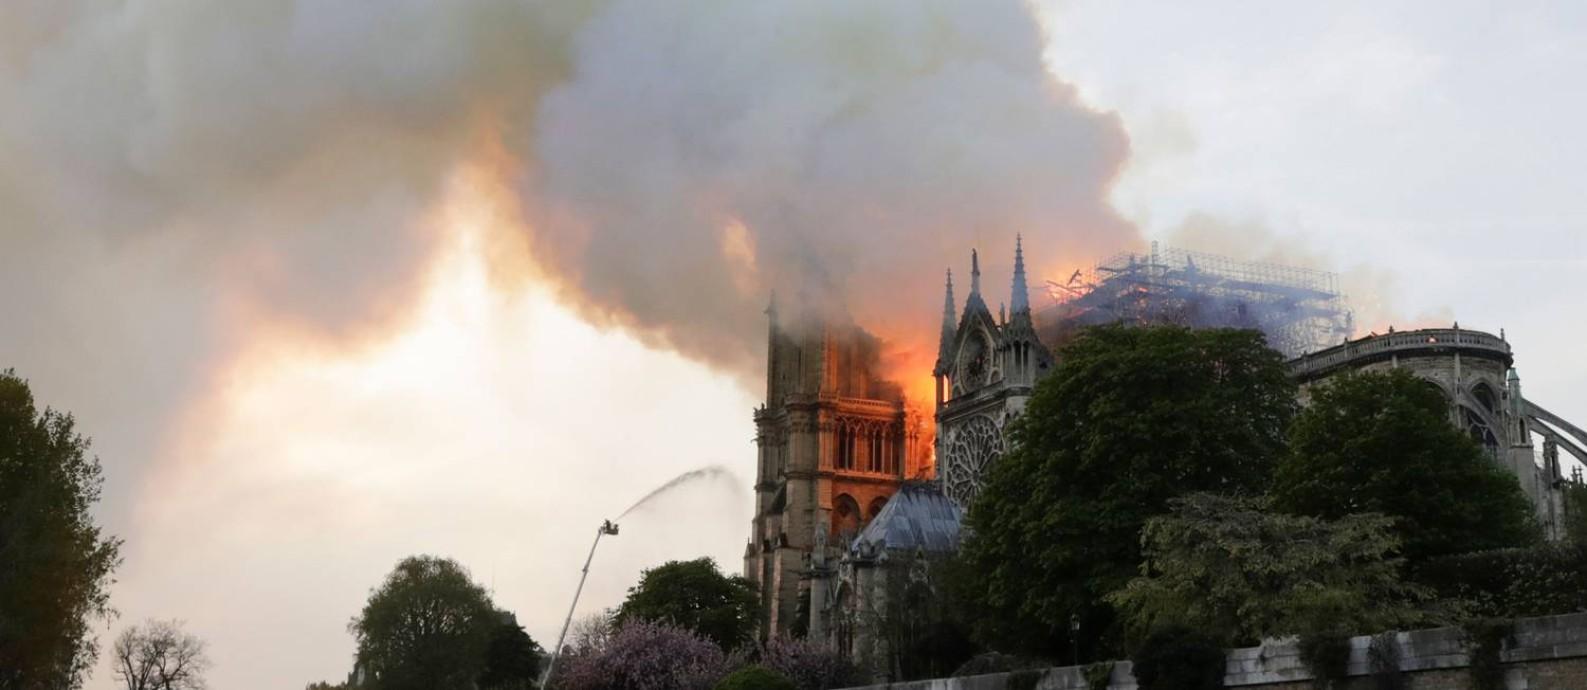 Chamas e fumaça emanam da catedral de Notre Dame em Paris Foto: THOMAS SAMSON / AFP